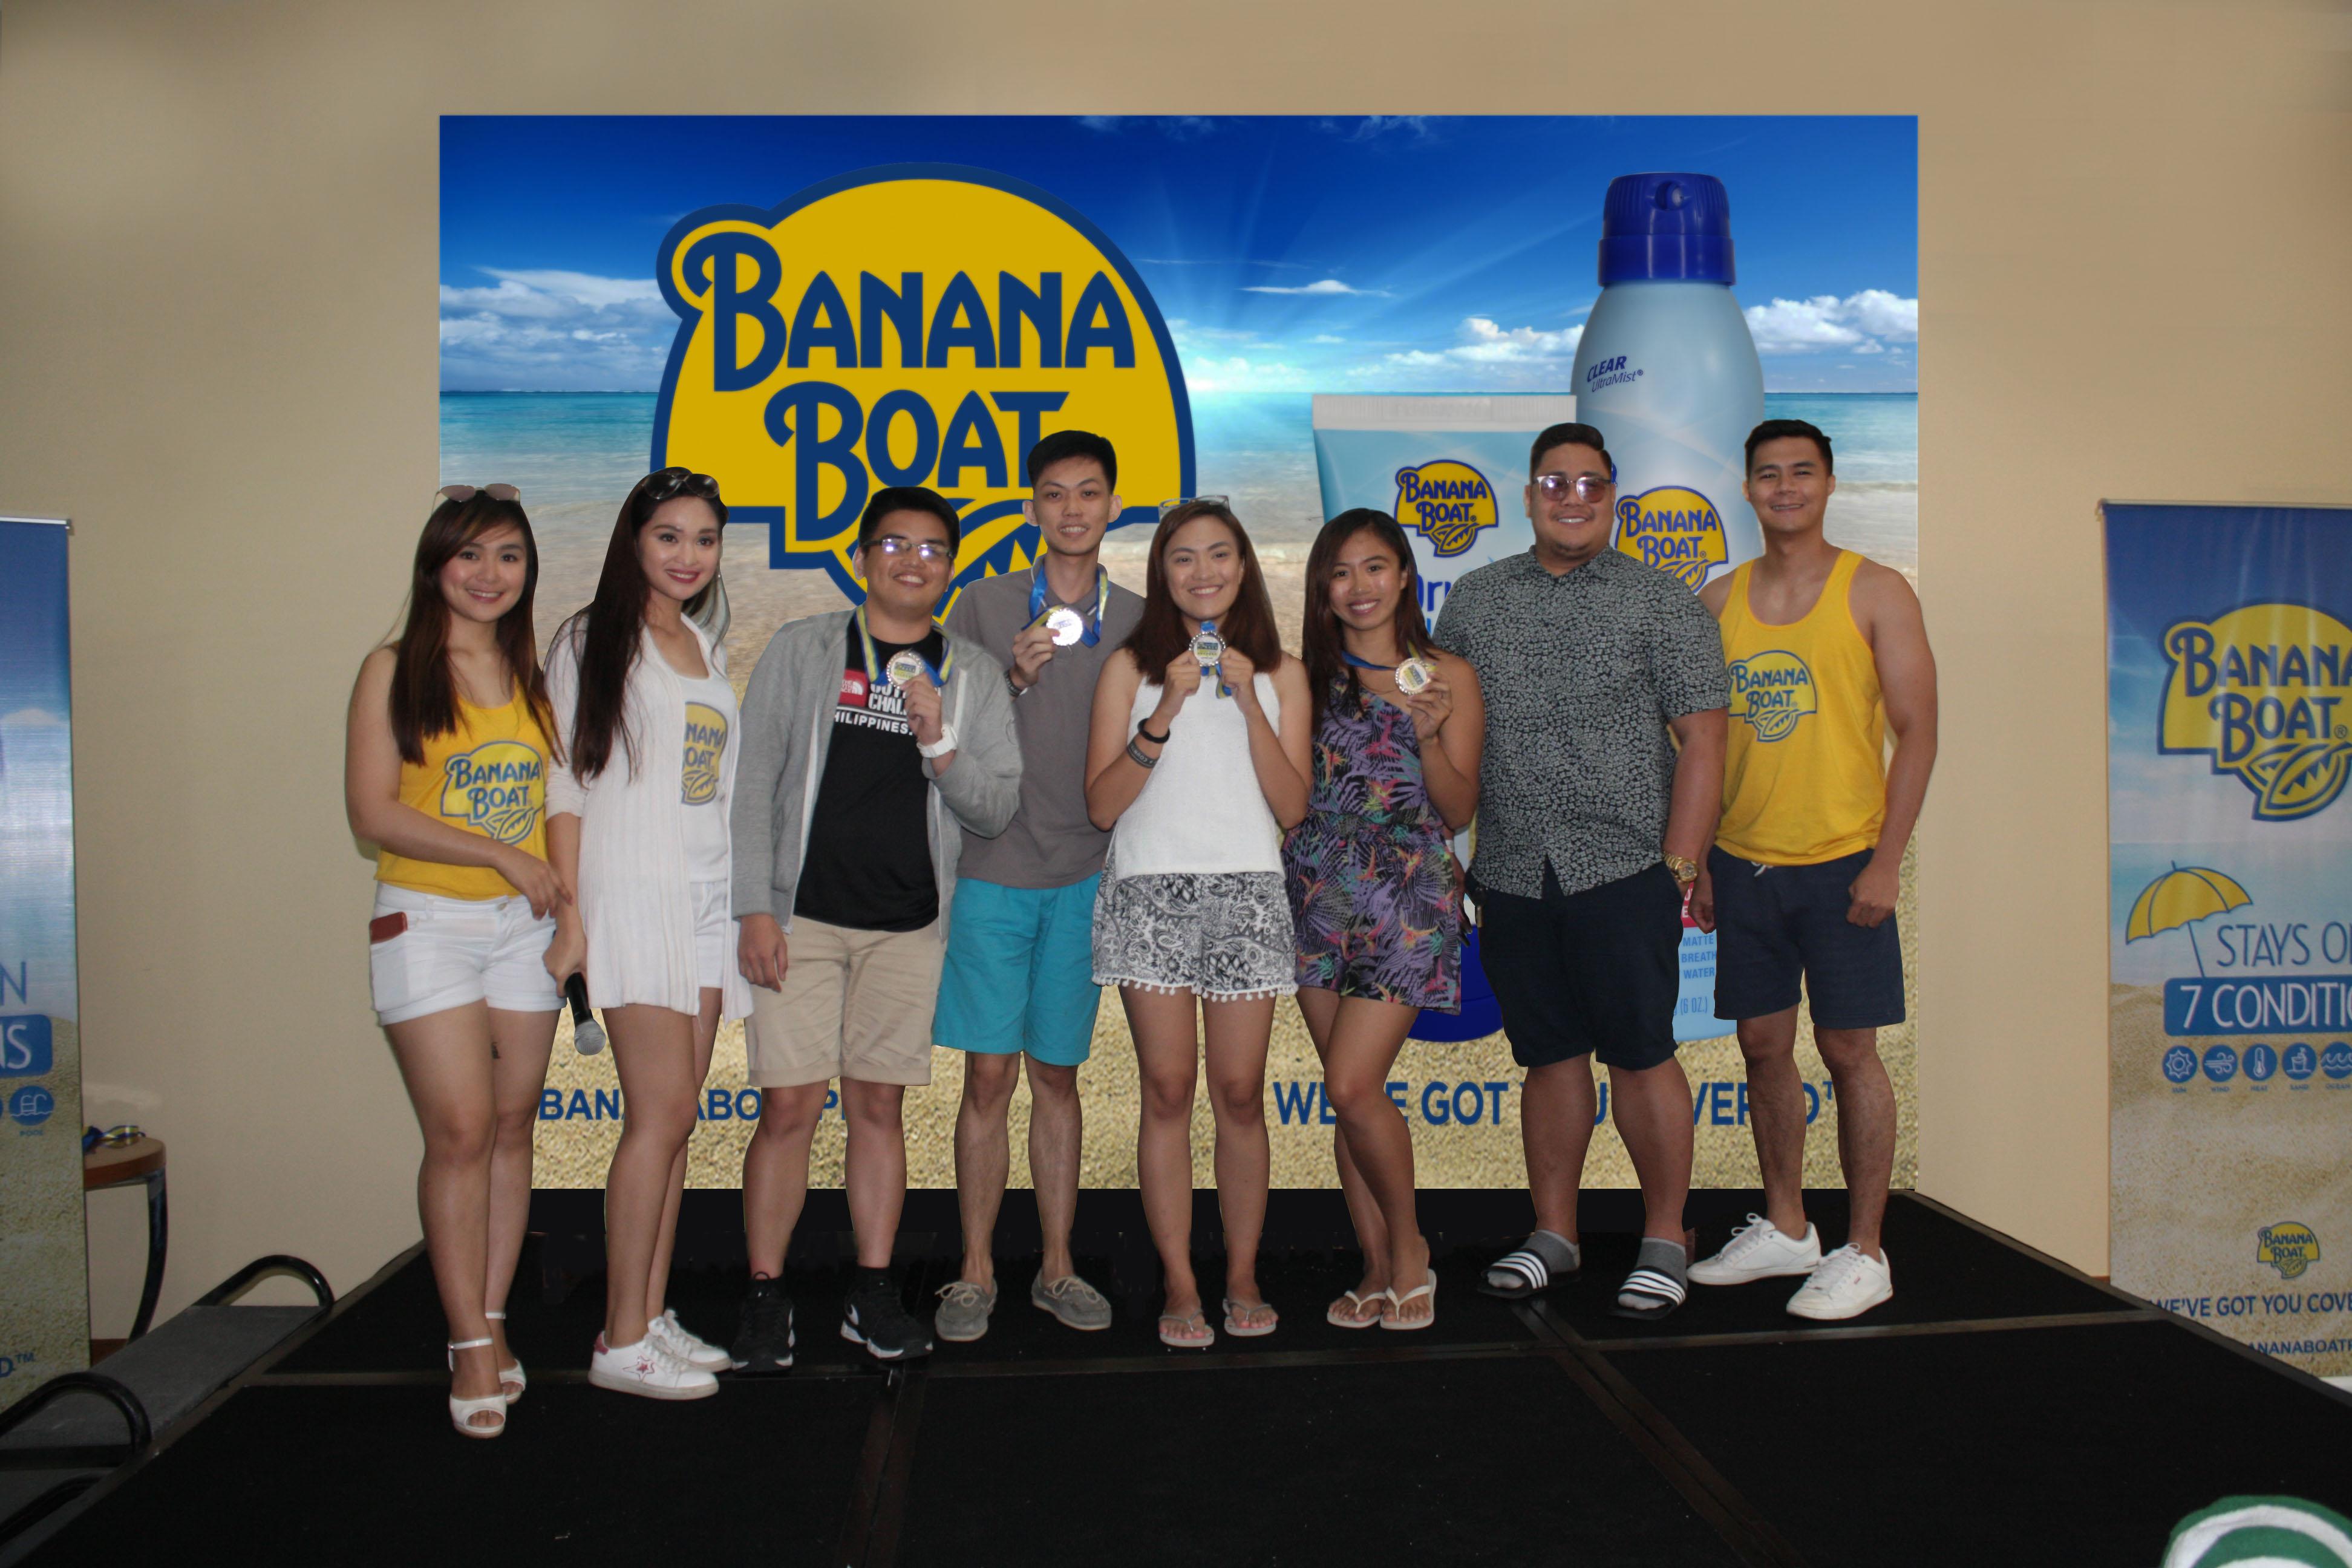 Banana BoatDry Balance